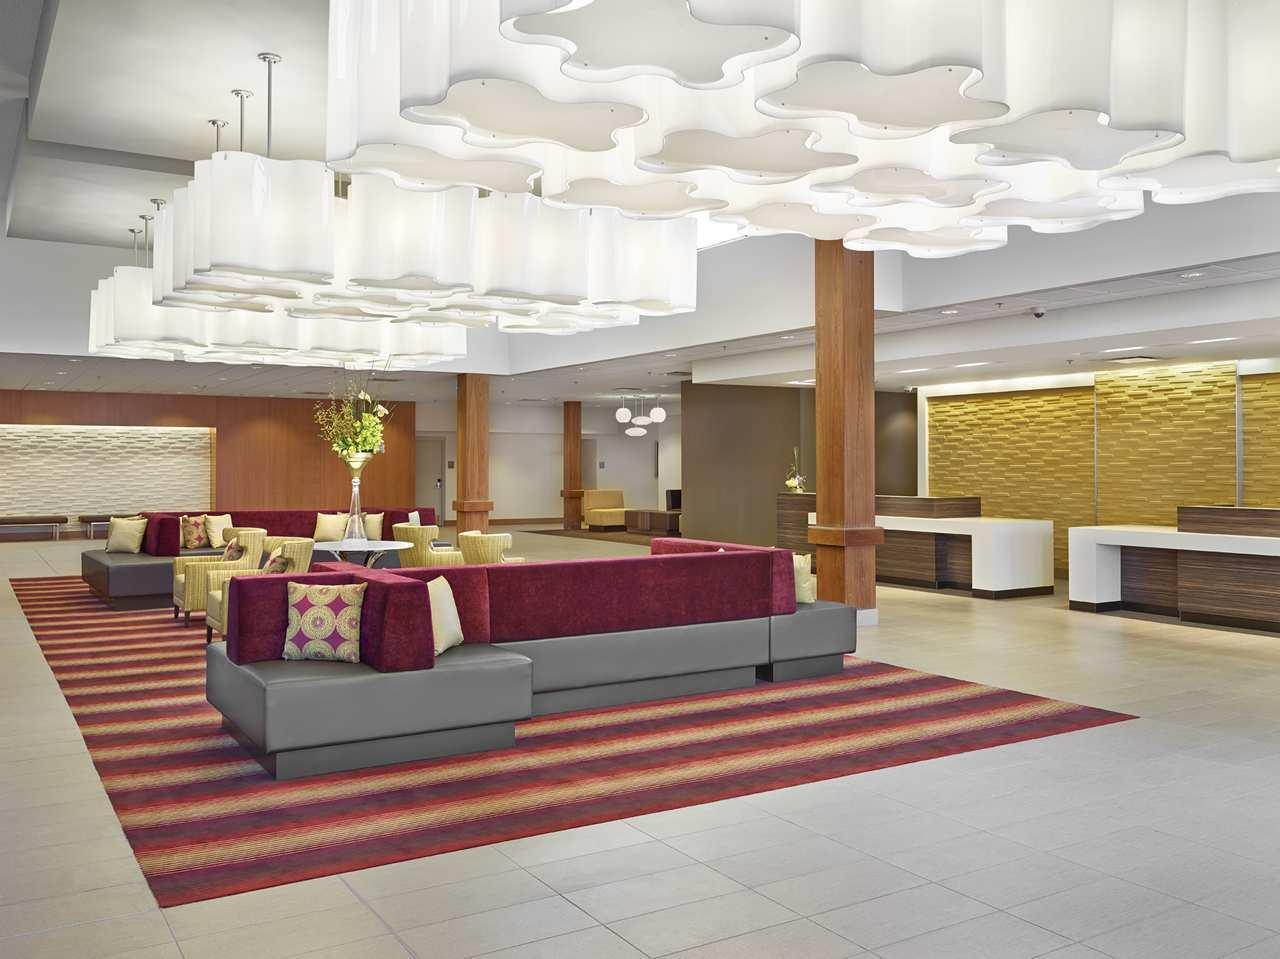 DoubleTree by Hilton Hotel West Edmonton in Edmonton: Lobby